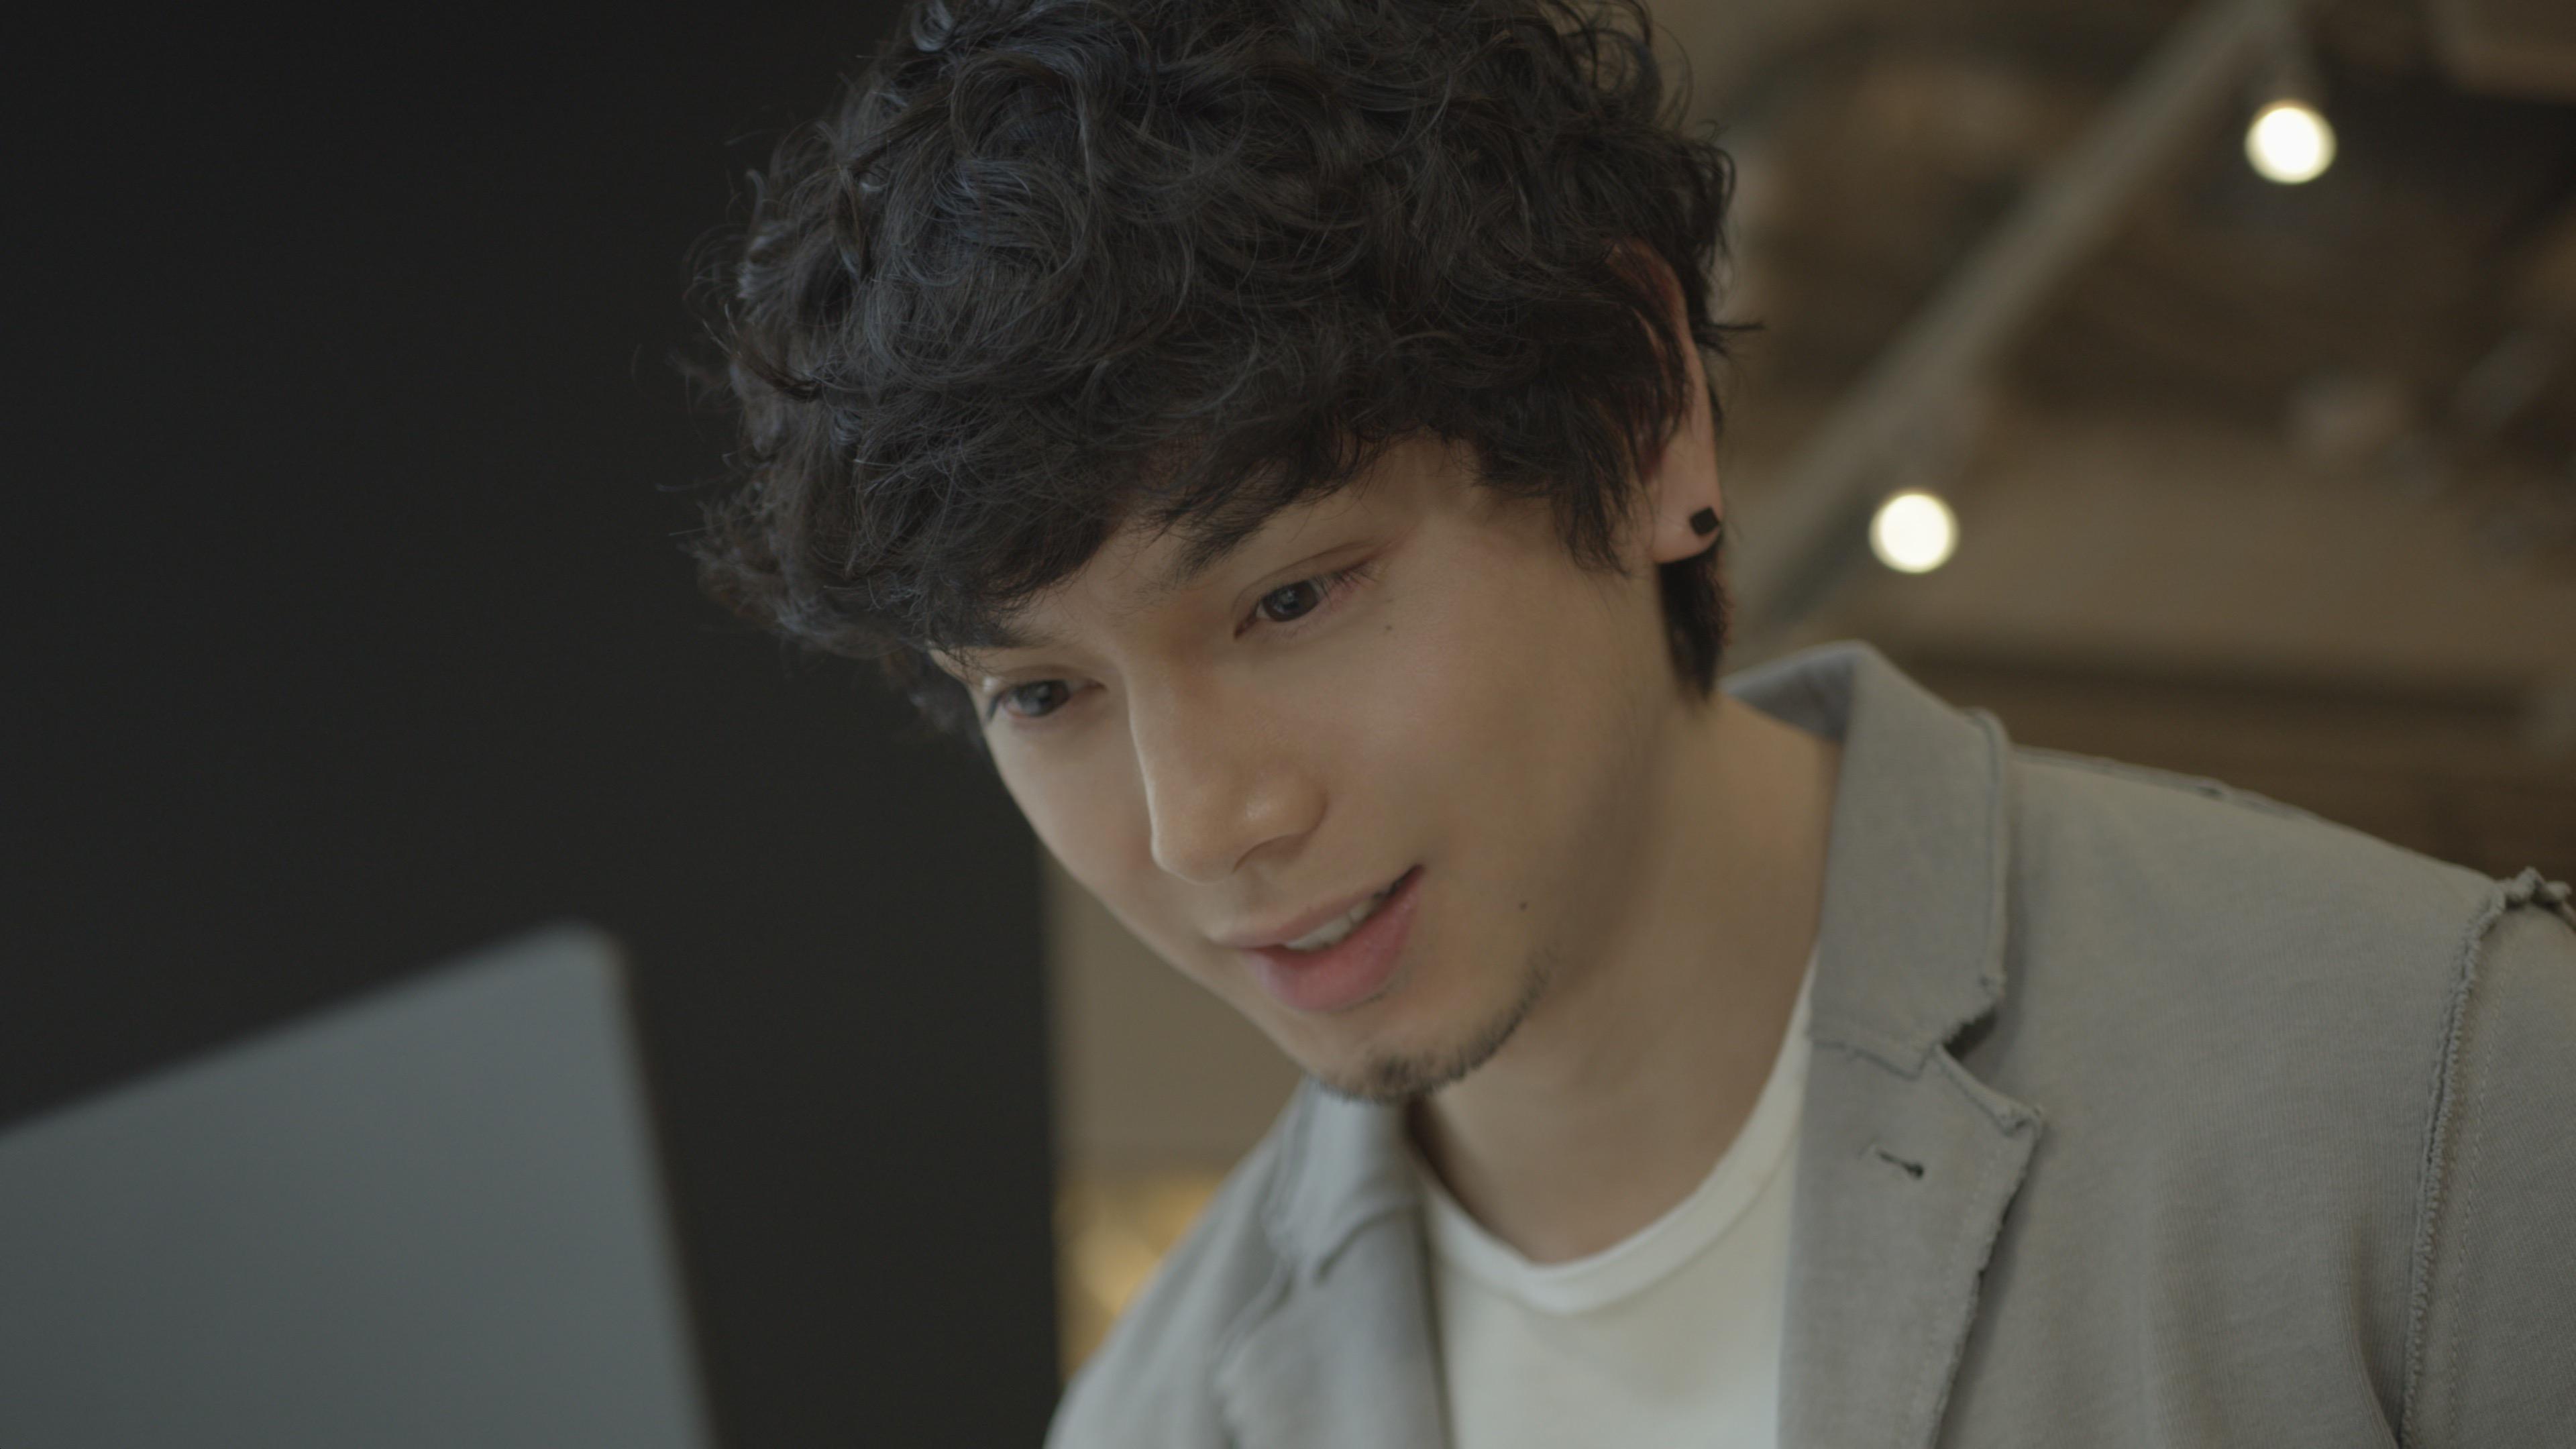 水嶋ヒロ、生き様や人生観を語る。ノートPC「LG gram」インタビュー動画公開